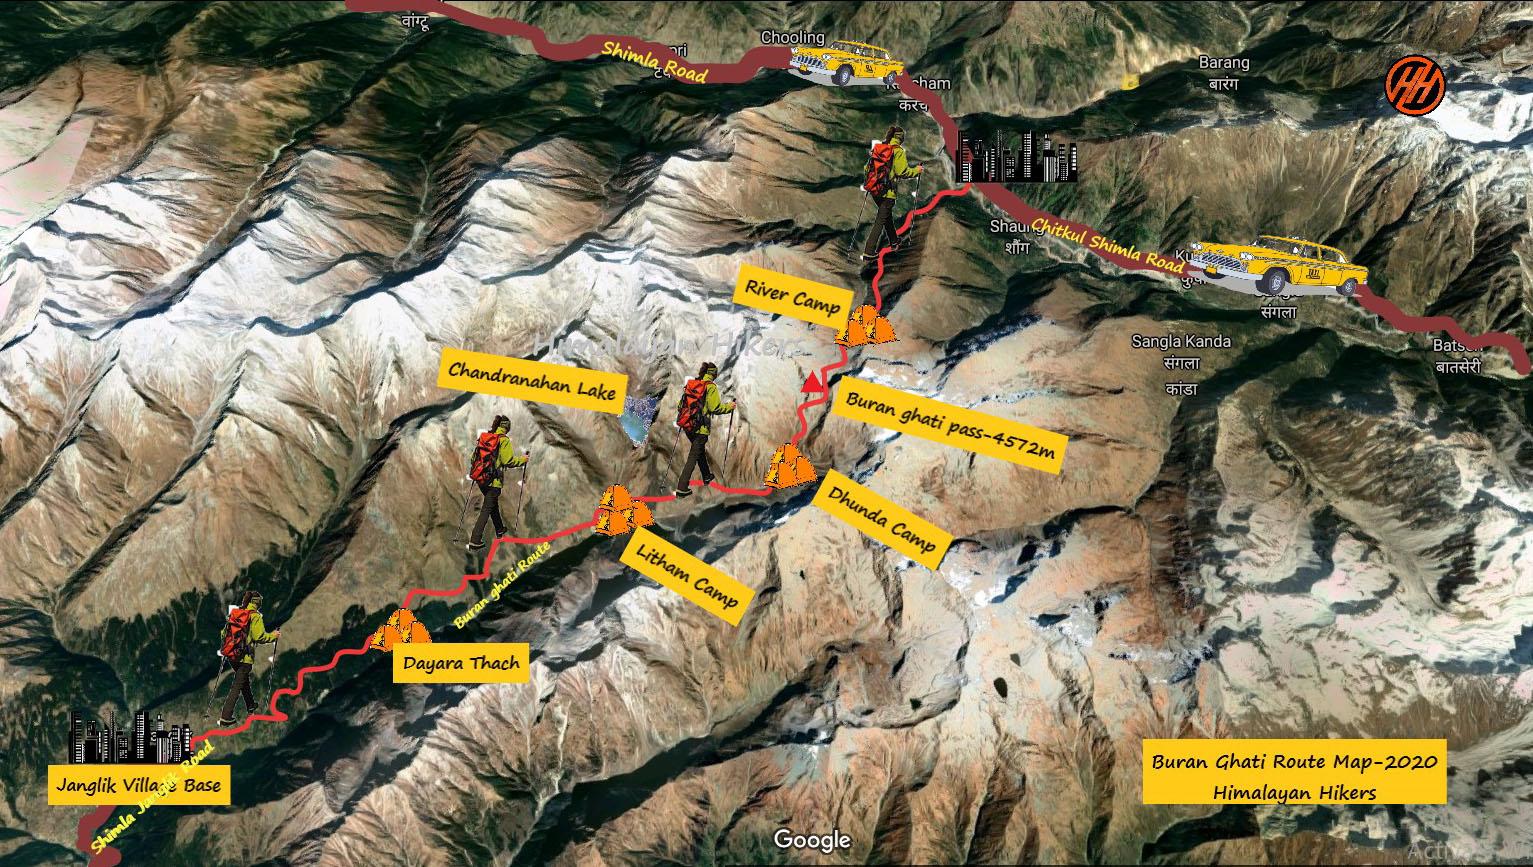 Buran Ghati Trek Route Map